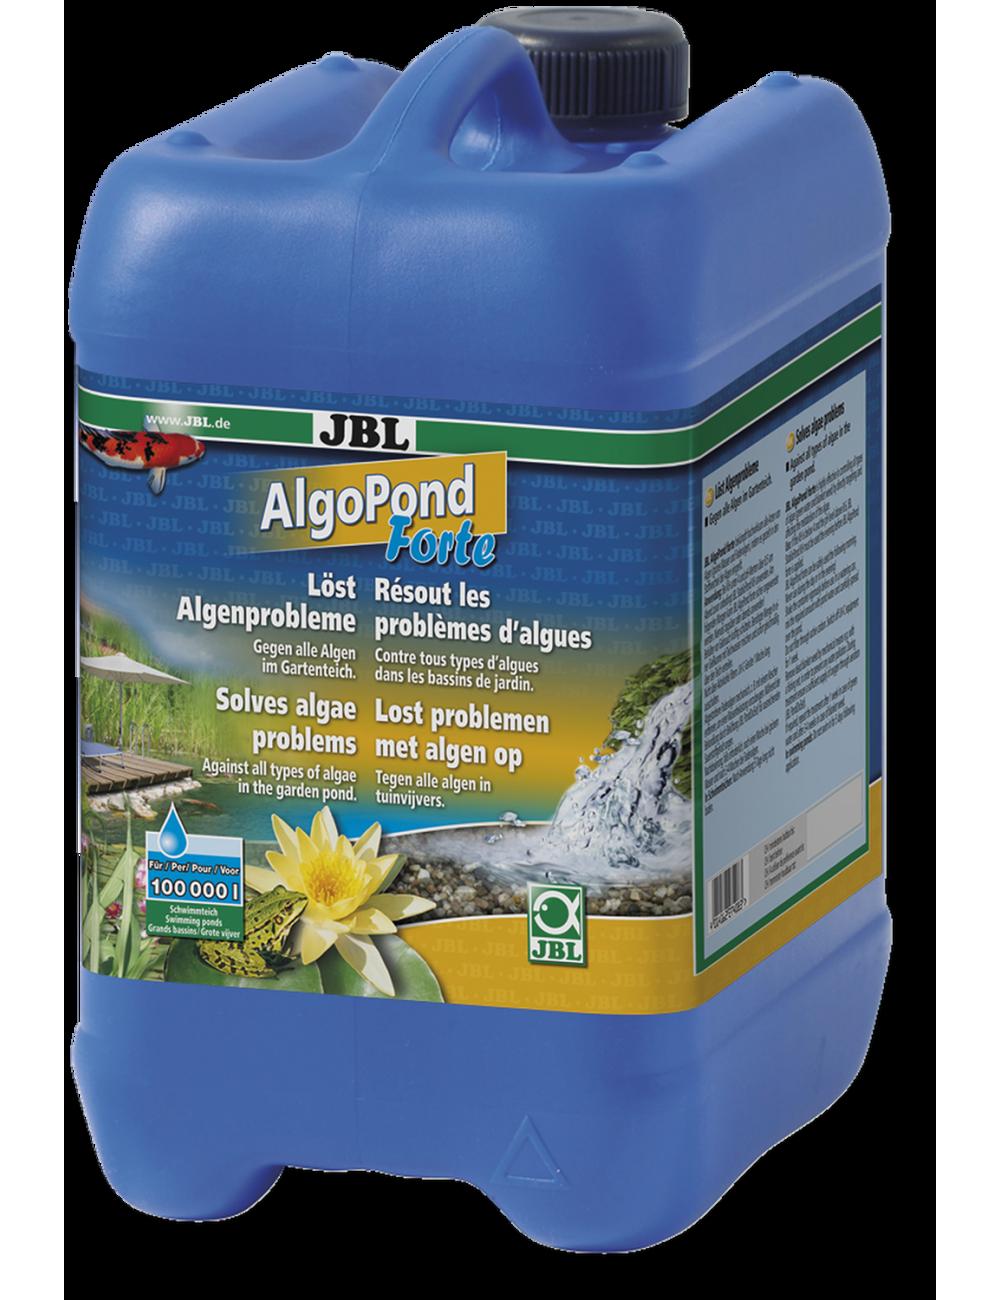 JBL - AlgoPond Forte - 5l - Conditionneur d'eau contre toutes les algues